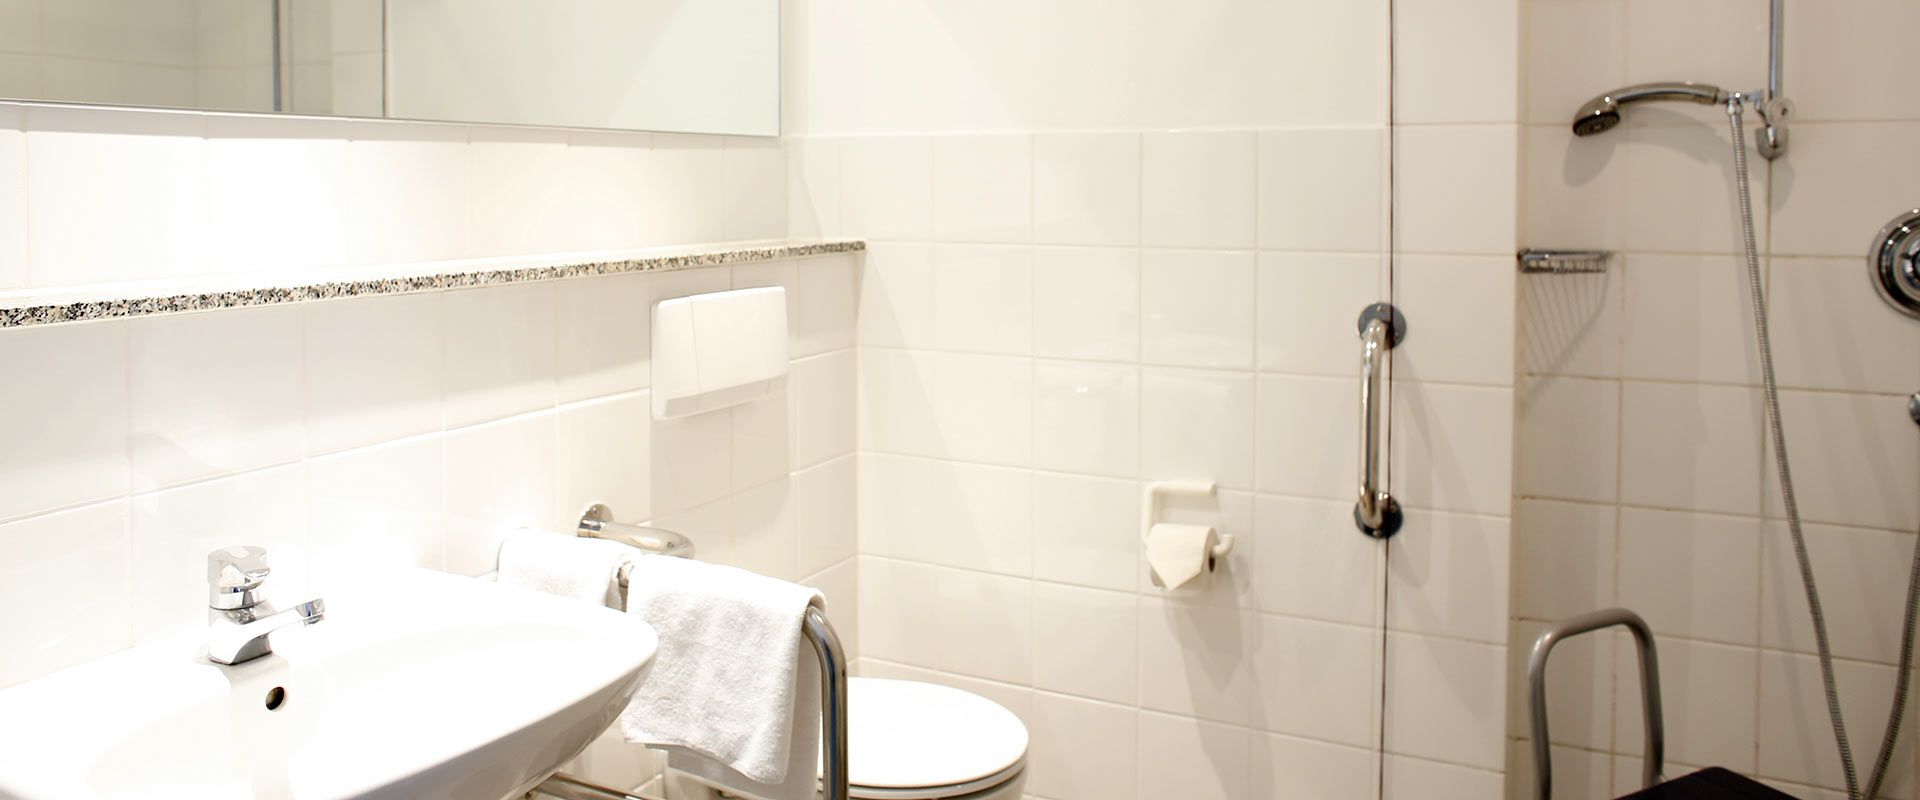 Badezimmer in der MEDIAN Klinik Wilhelmshaven